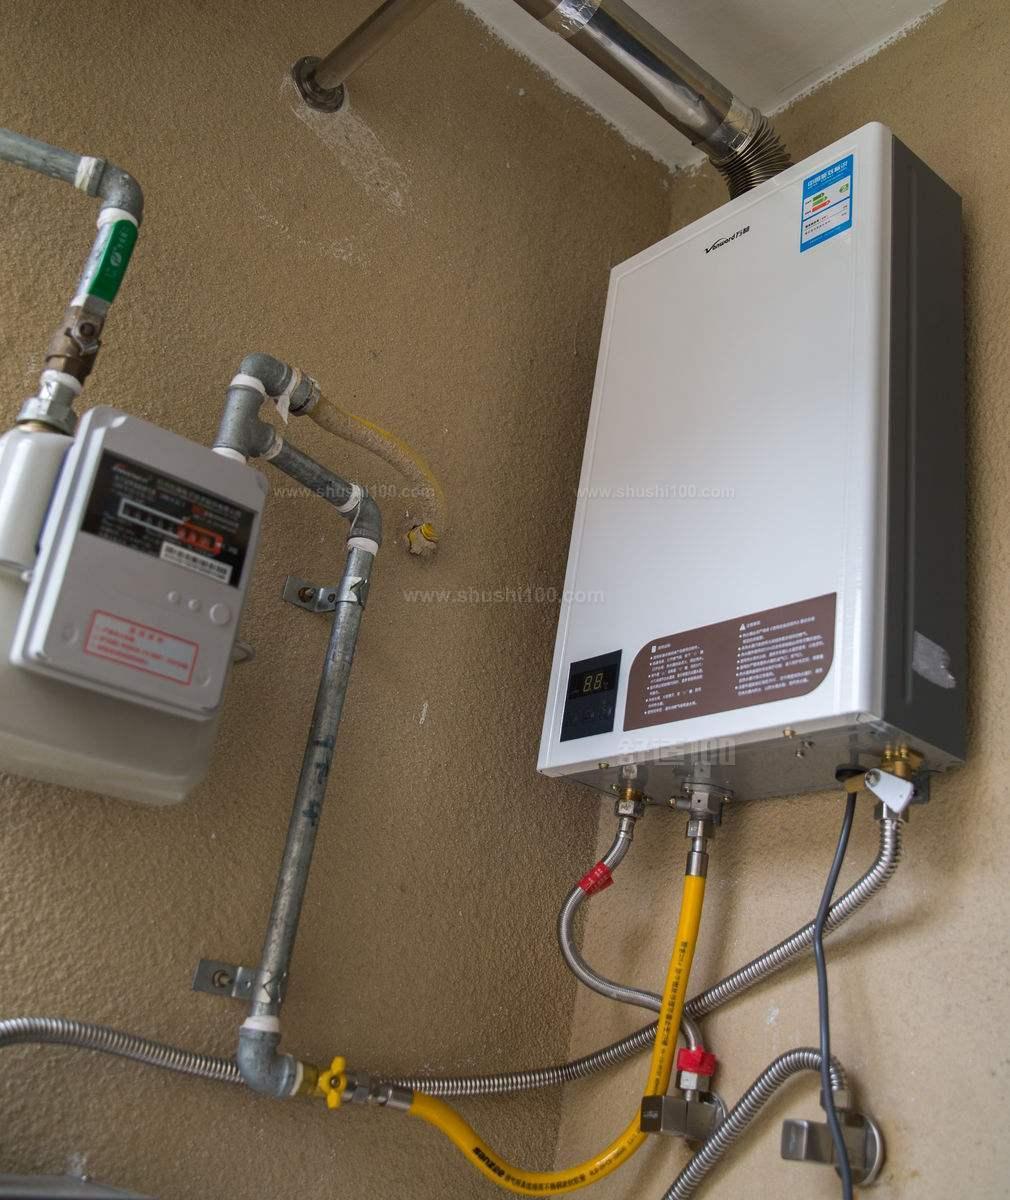 也有消费者反映说林内热水器送货安装维修的费用过高,开支相对来说是图片